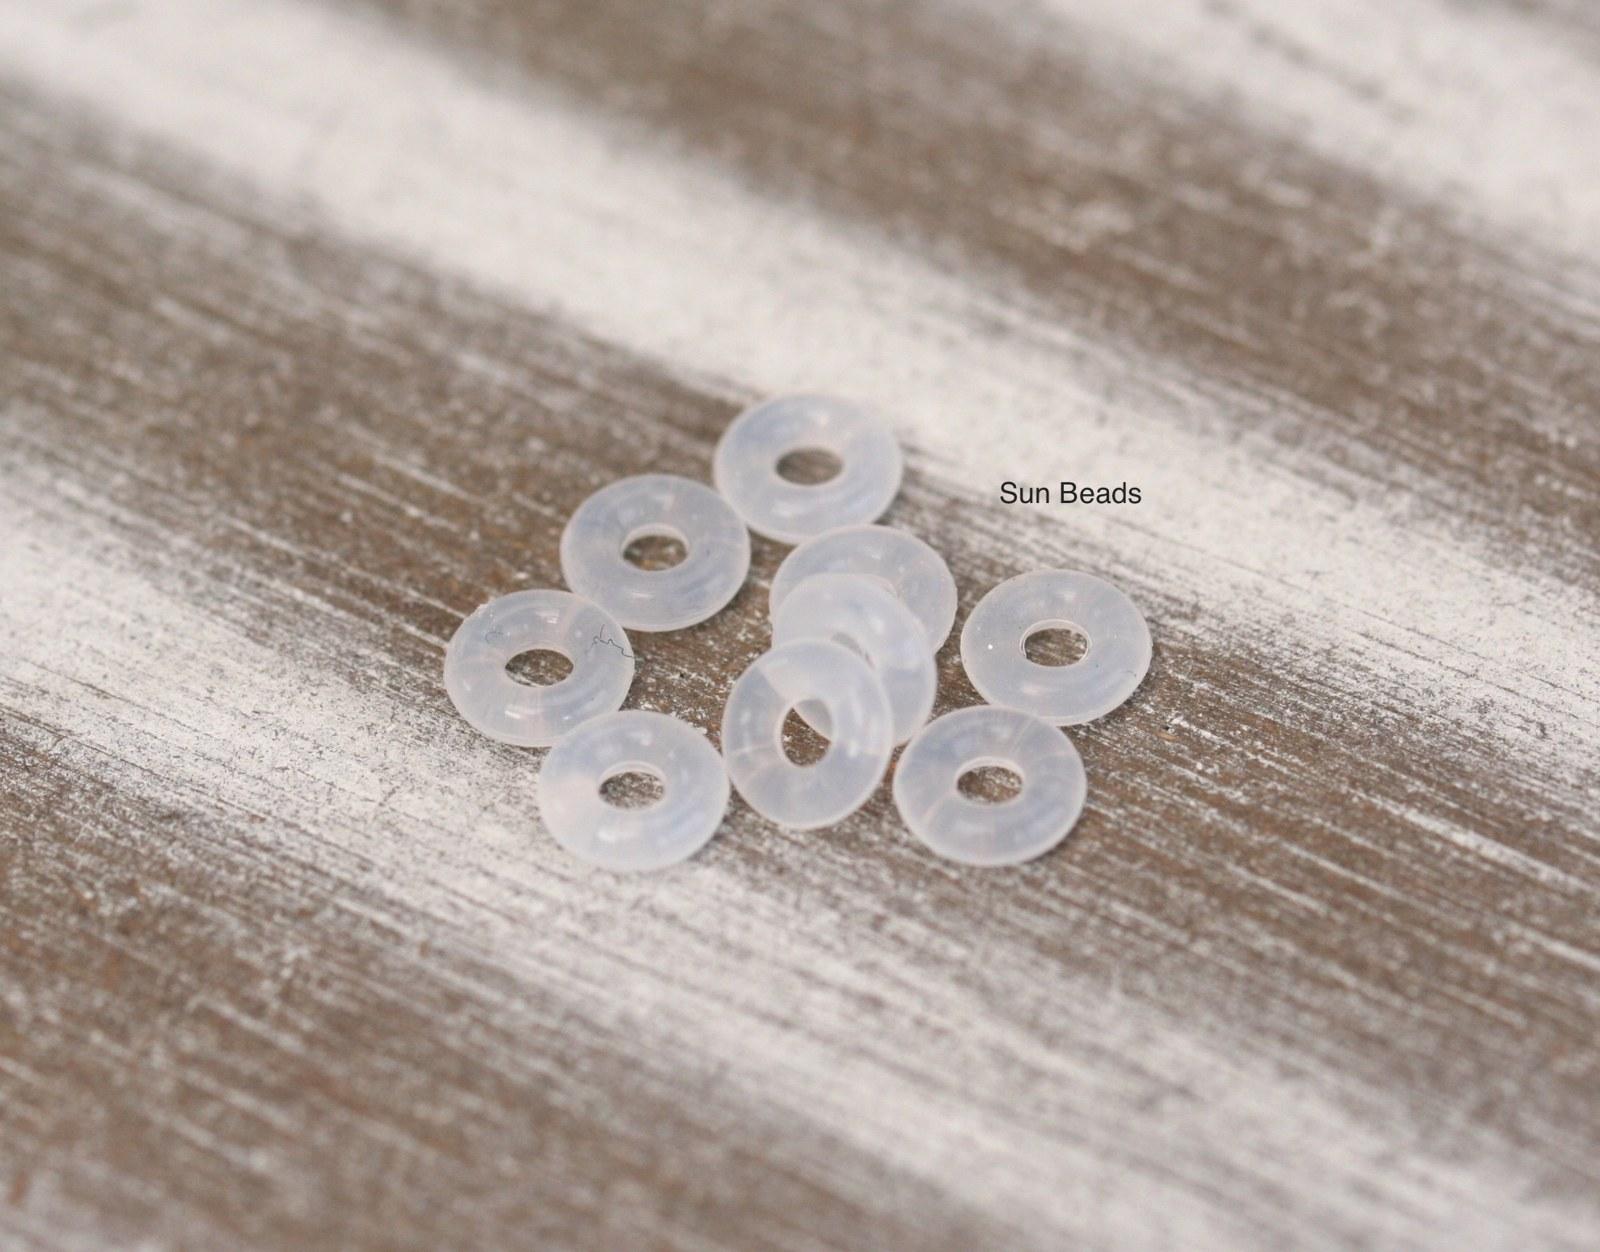 Silikonový stoper na náramek (4 ks) (10 ks)   Zboží prodejce Sun Beads  06e3ef77334